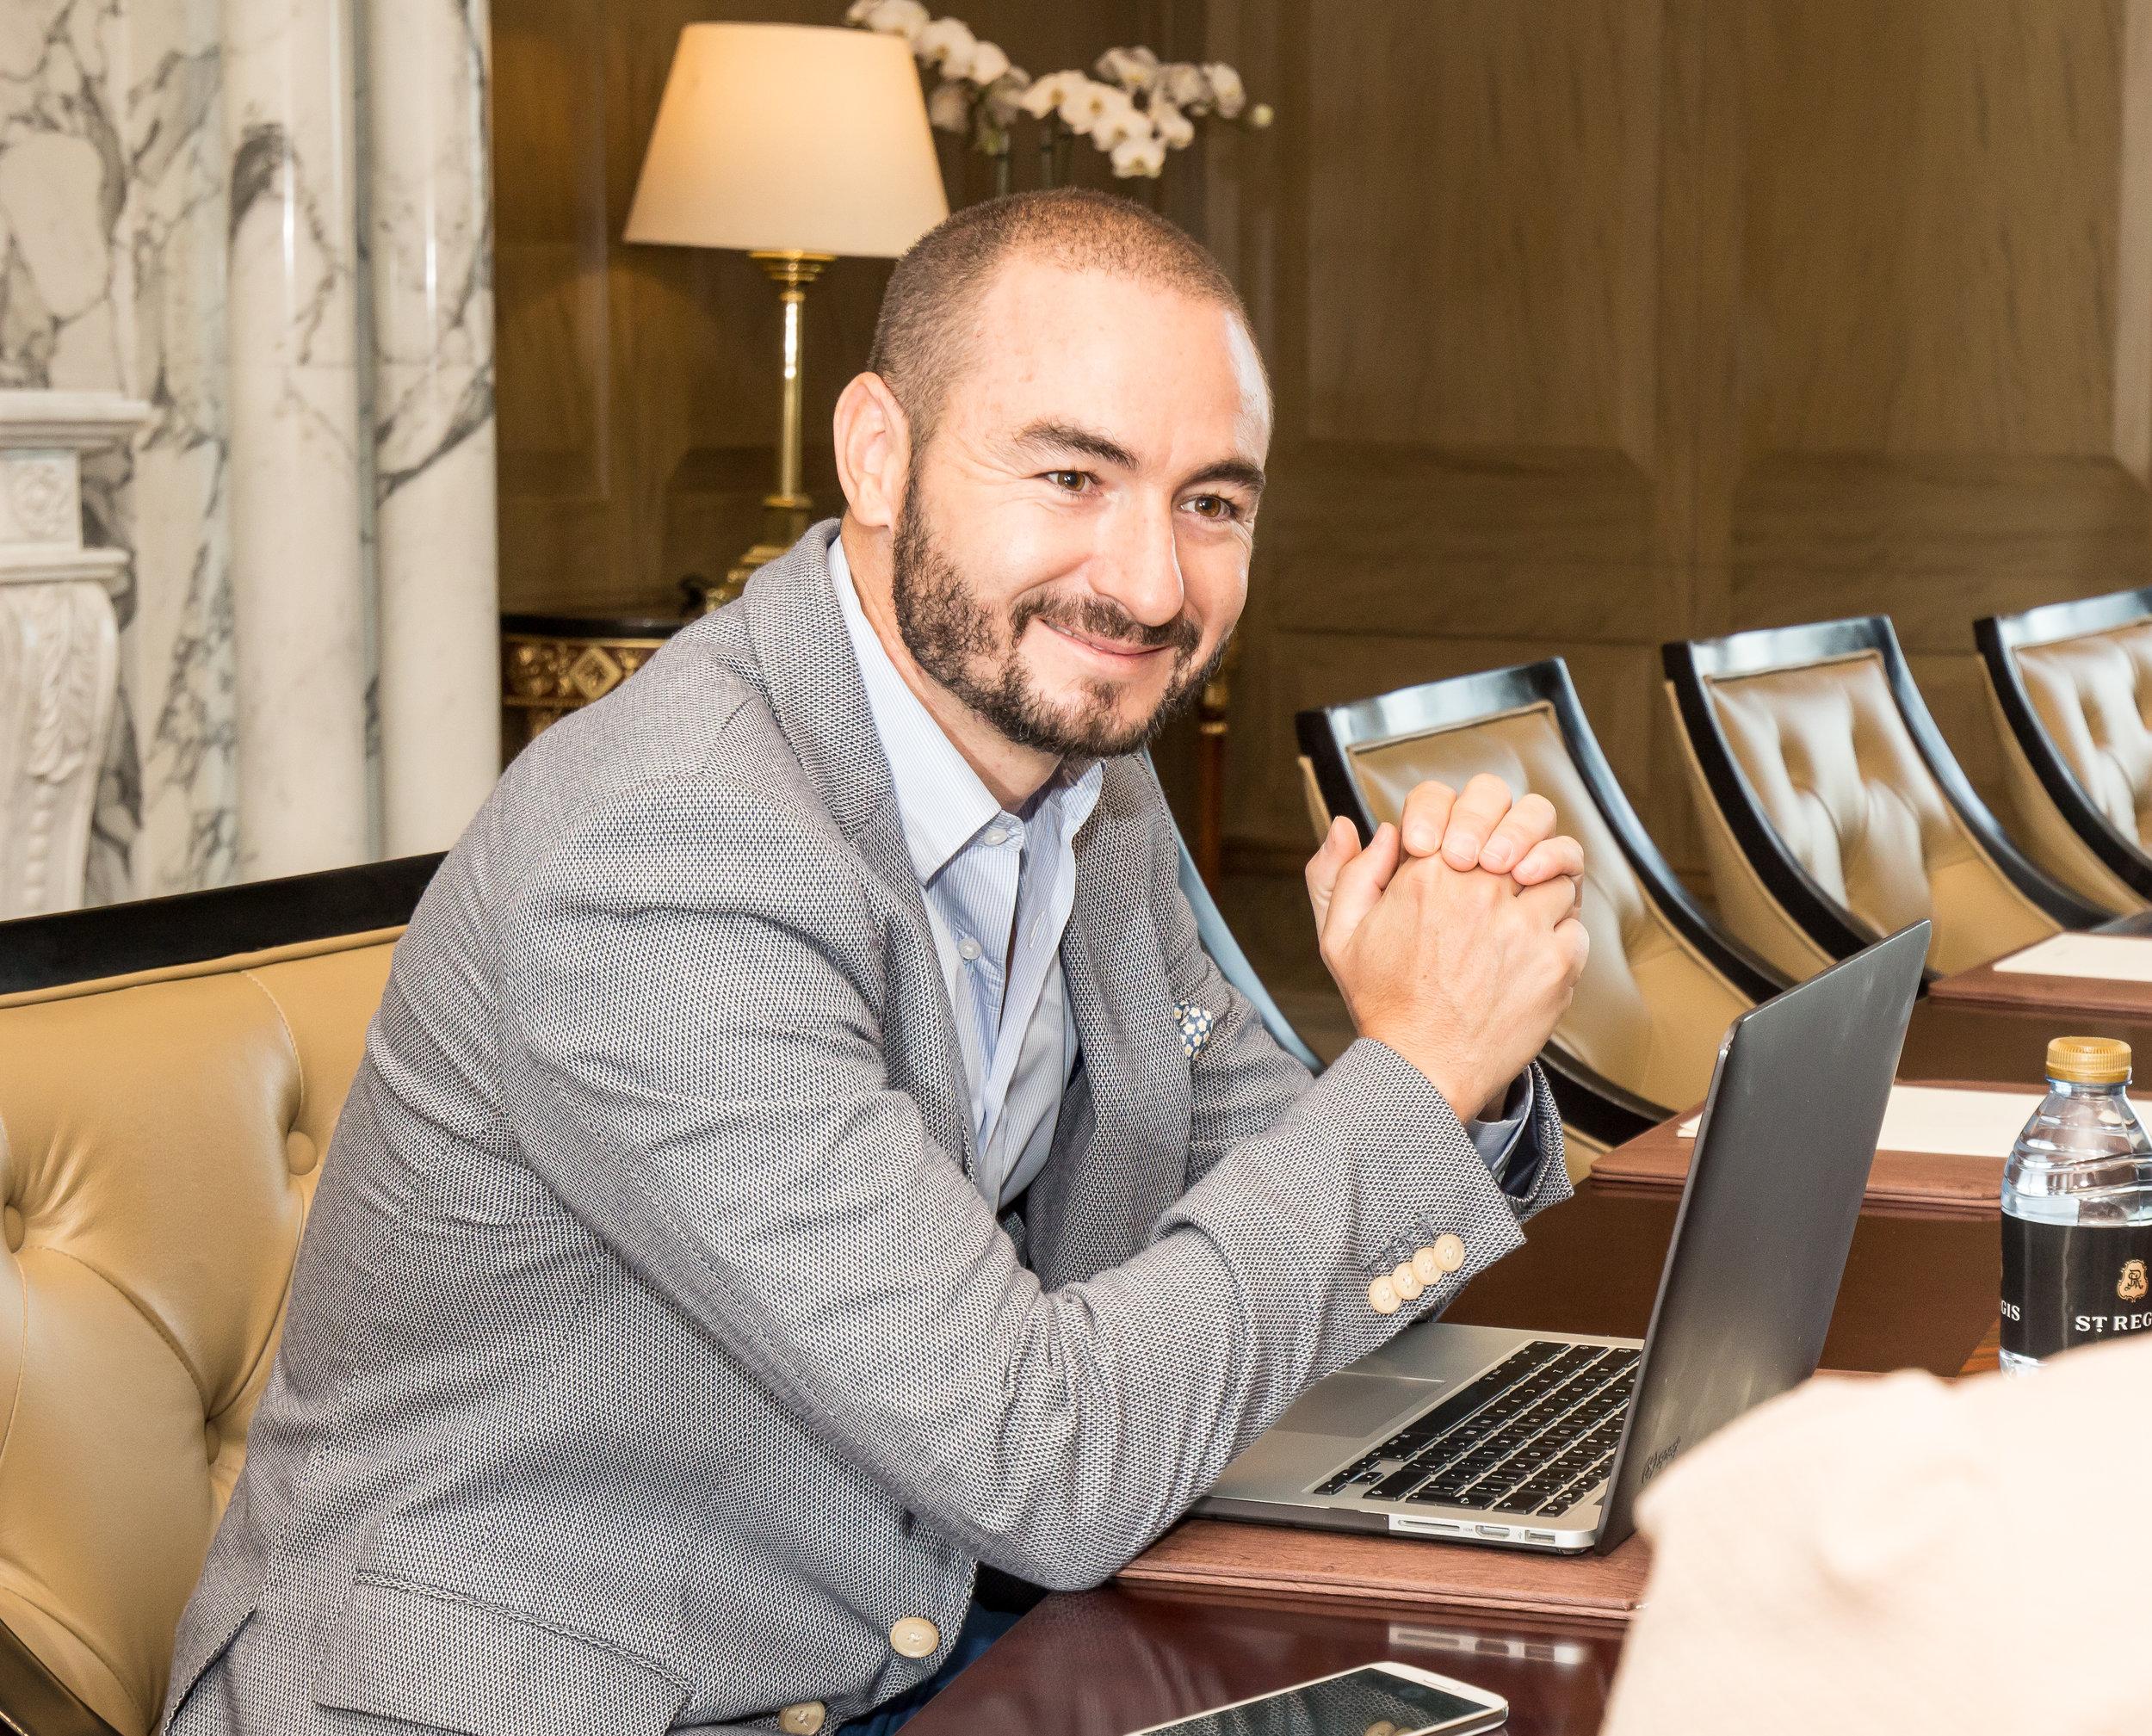 IBM's Digital Transformation Leader for Middle East and Africa Juan Jose De La Torre Image location courtesy of St. Regis Dubai